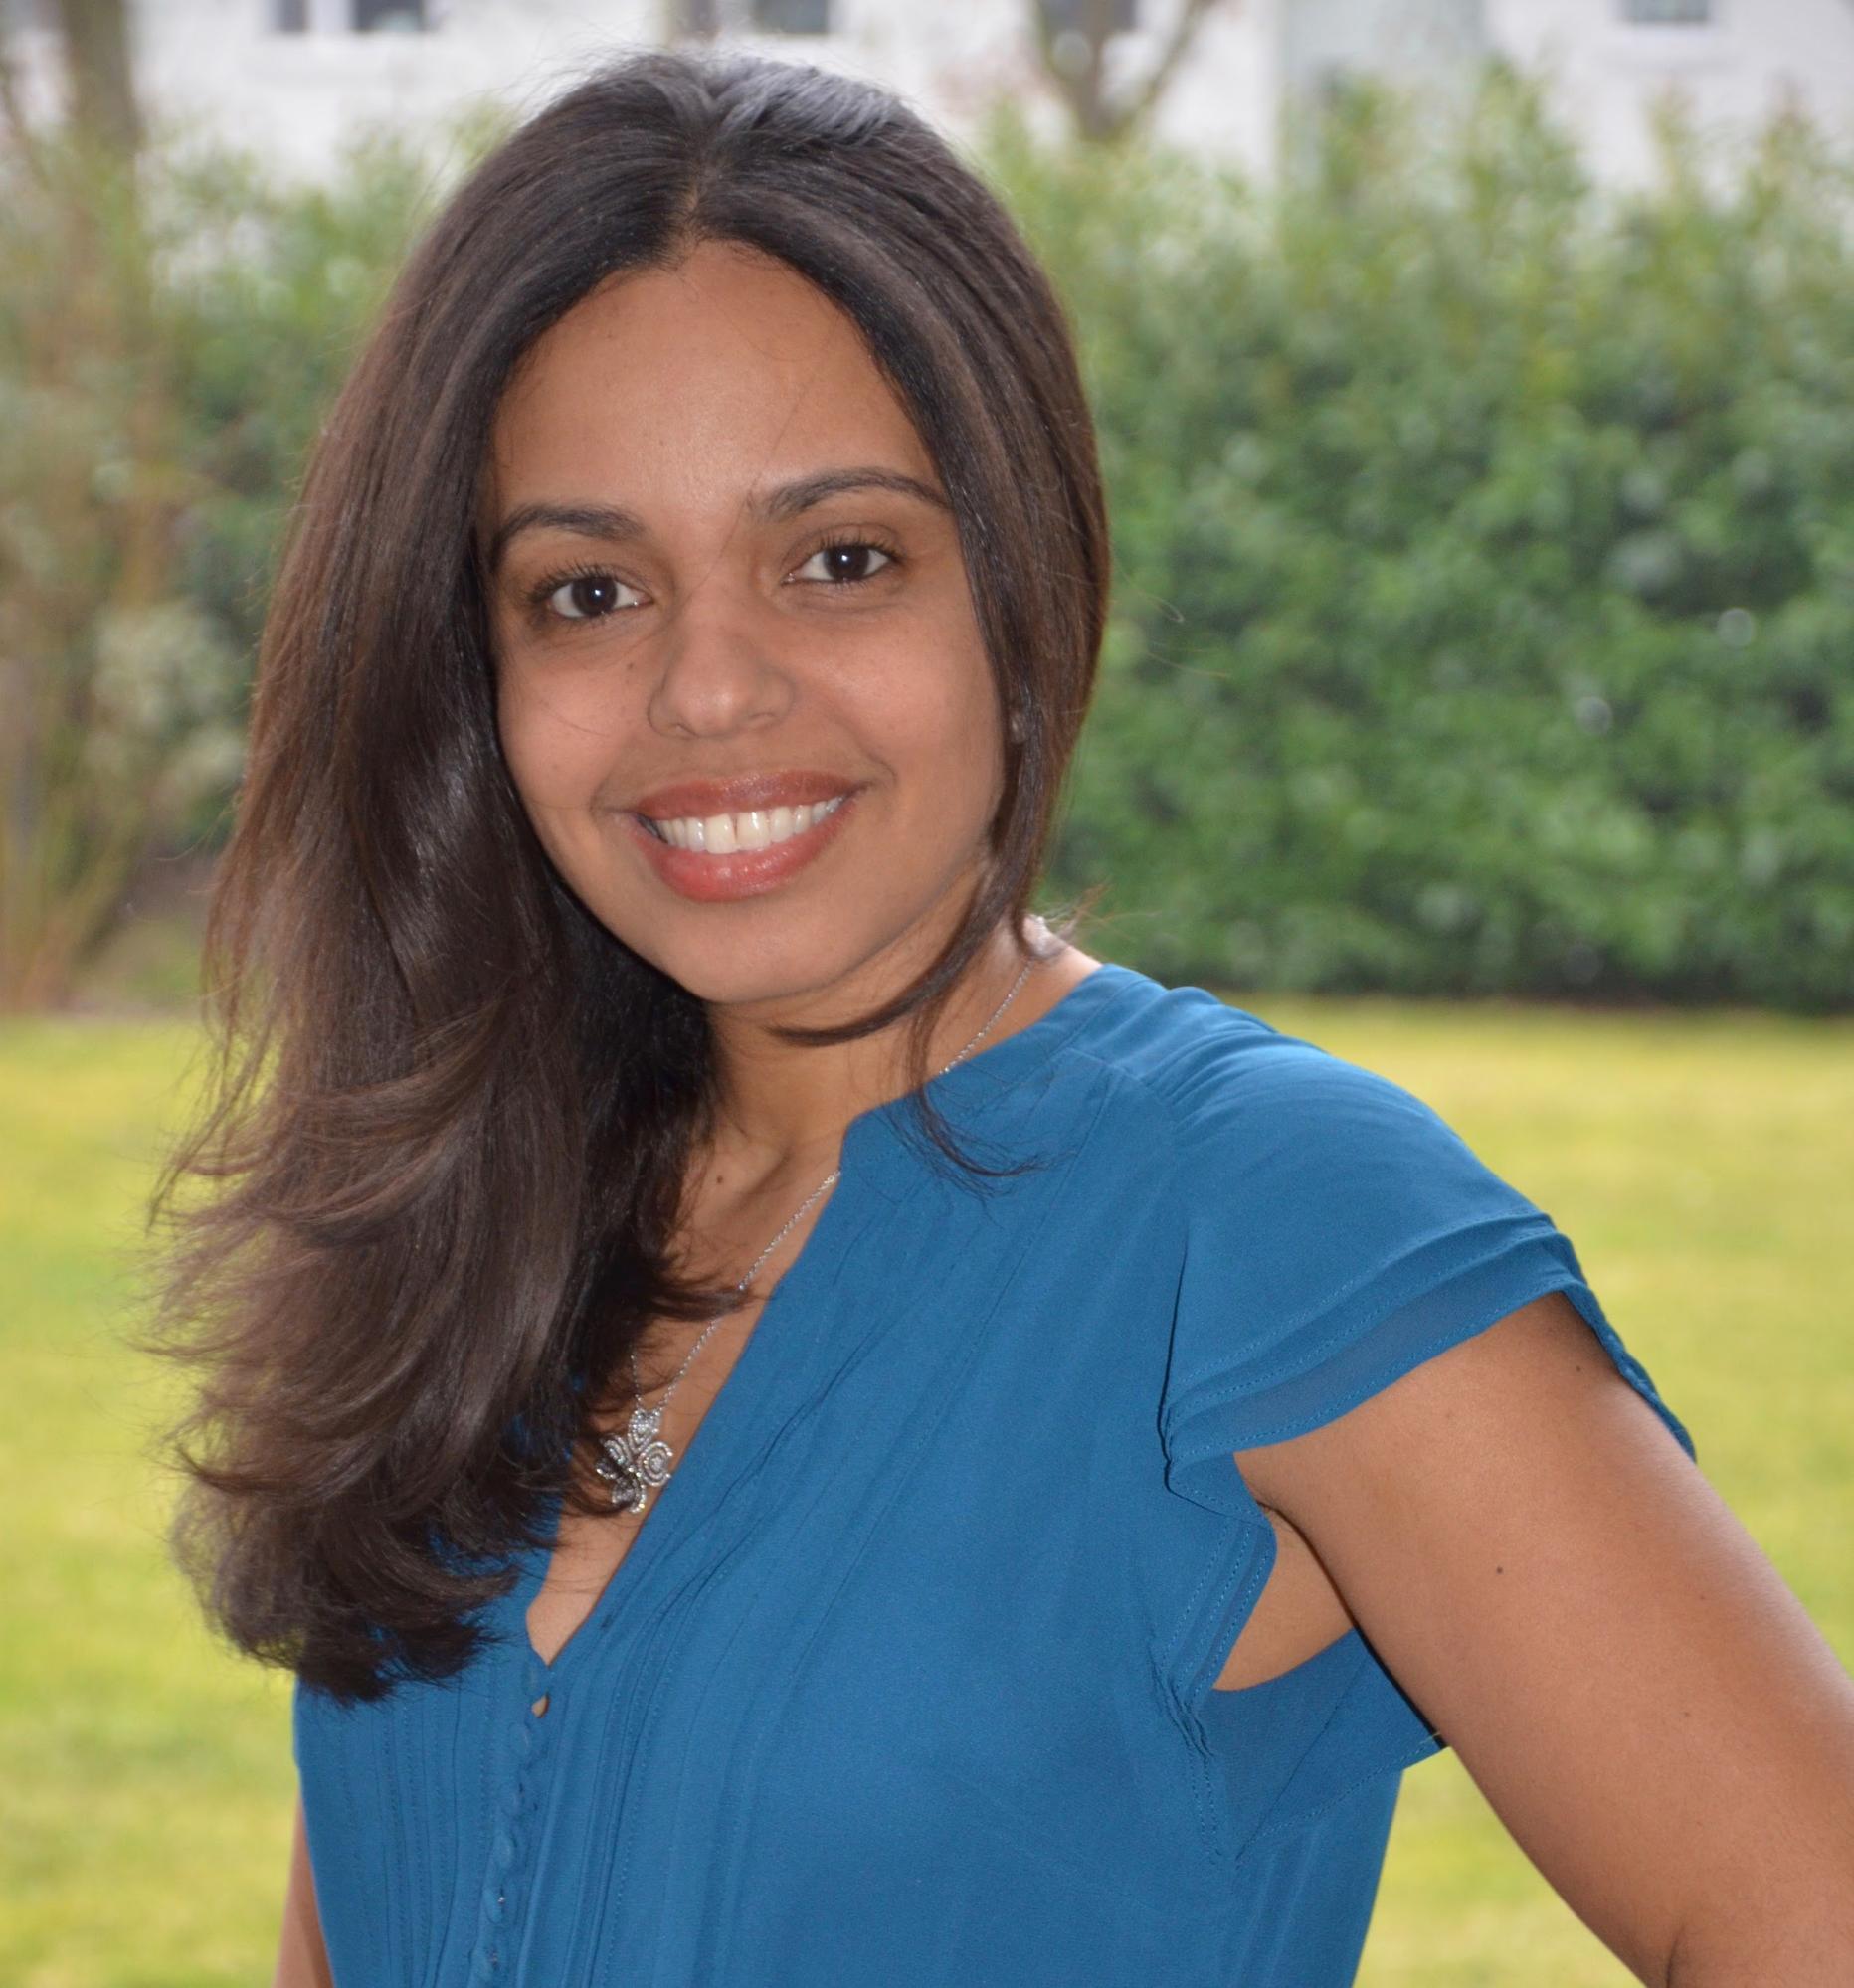 Luisa Wiesche, Gründerin des erfolgreichen Startups DE LILOU aus Hamburg